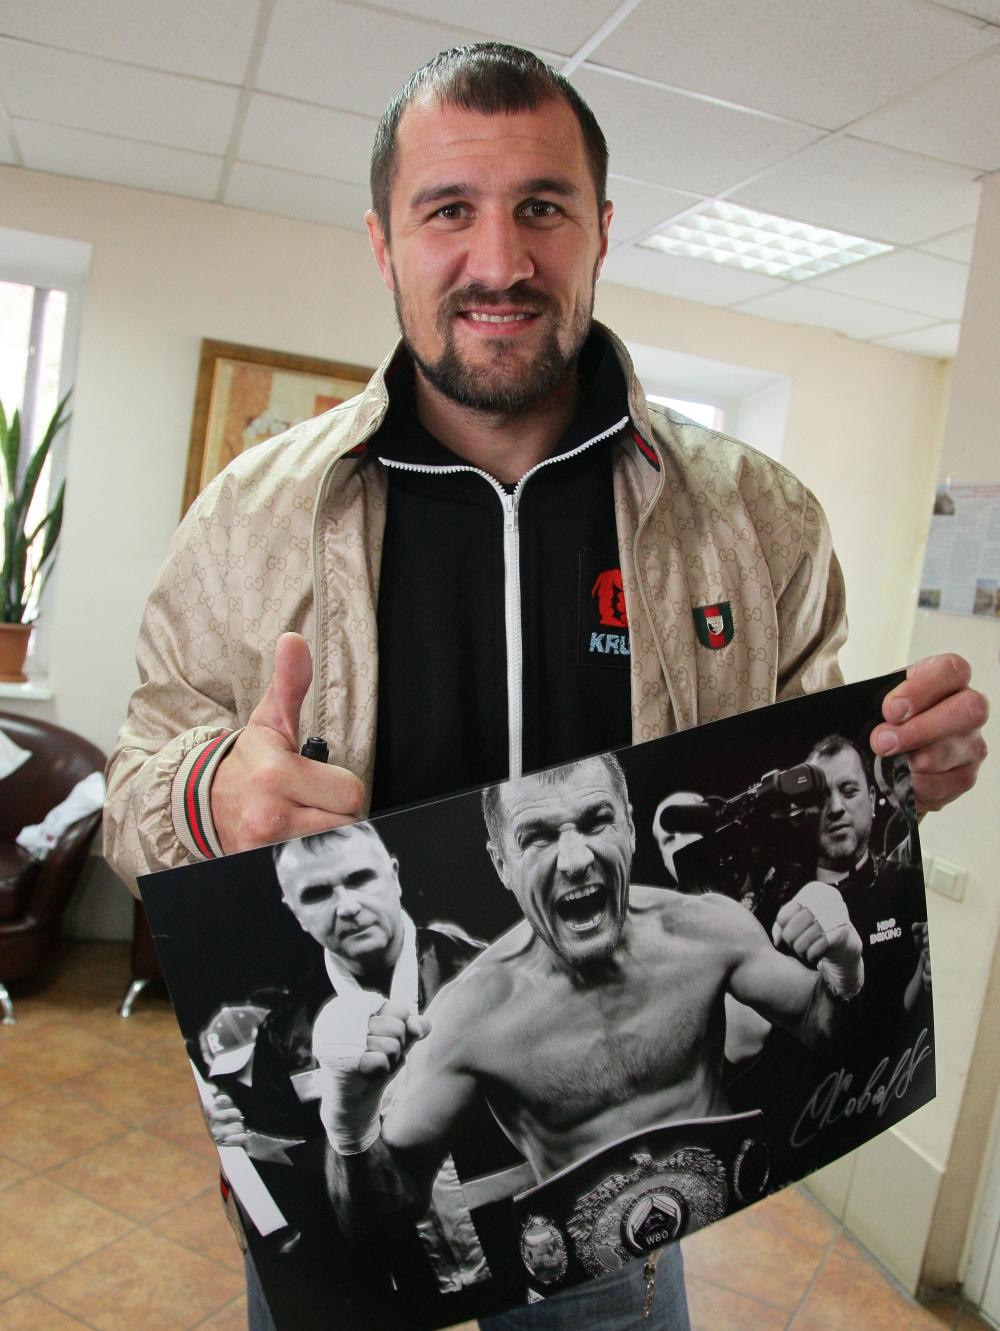 Сергей Ковалёв всегда с радостью раздаёт автографы фанатам.